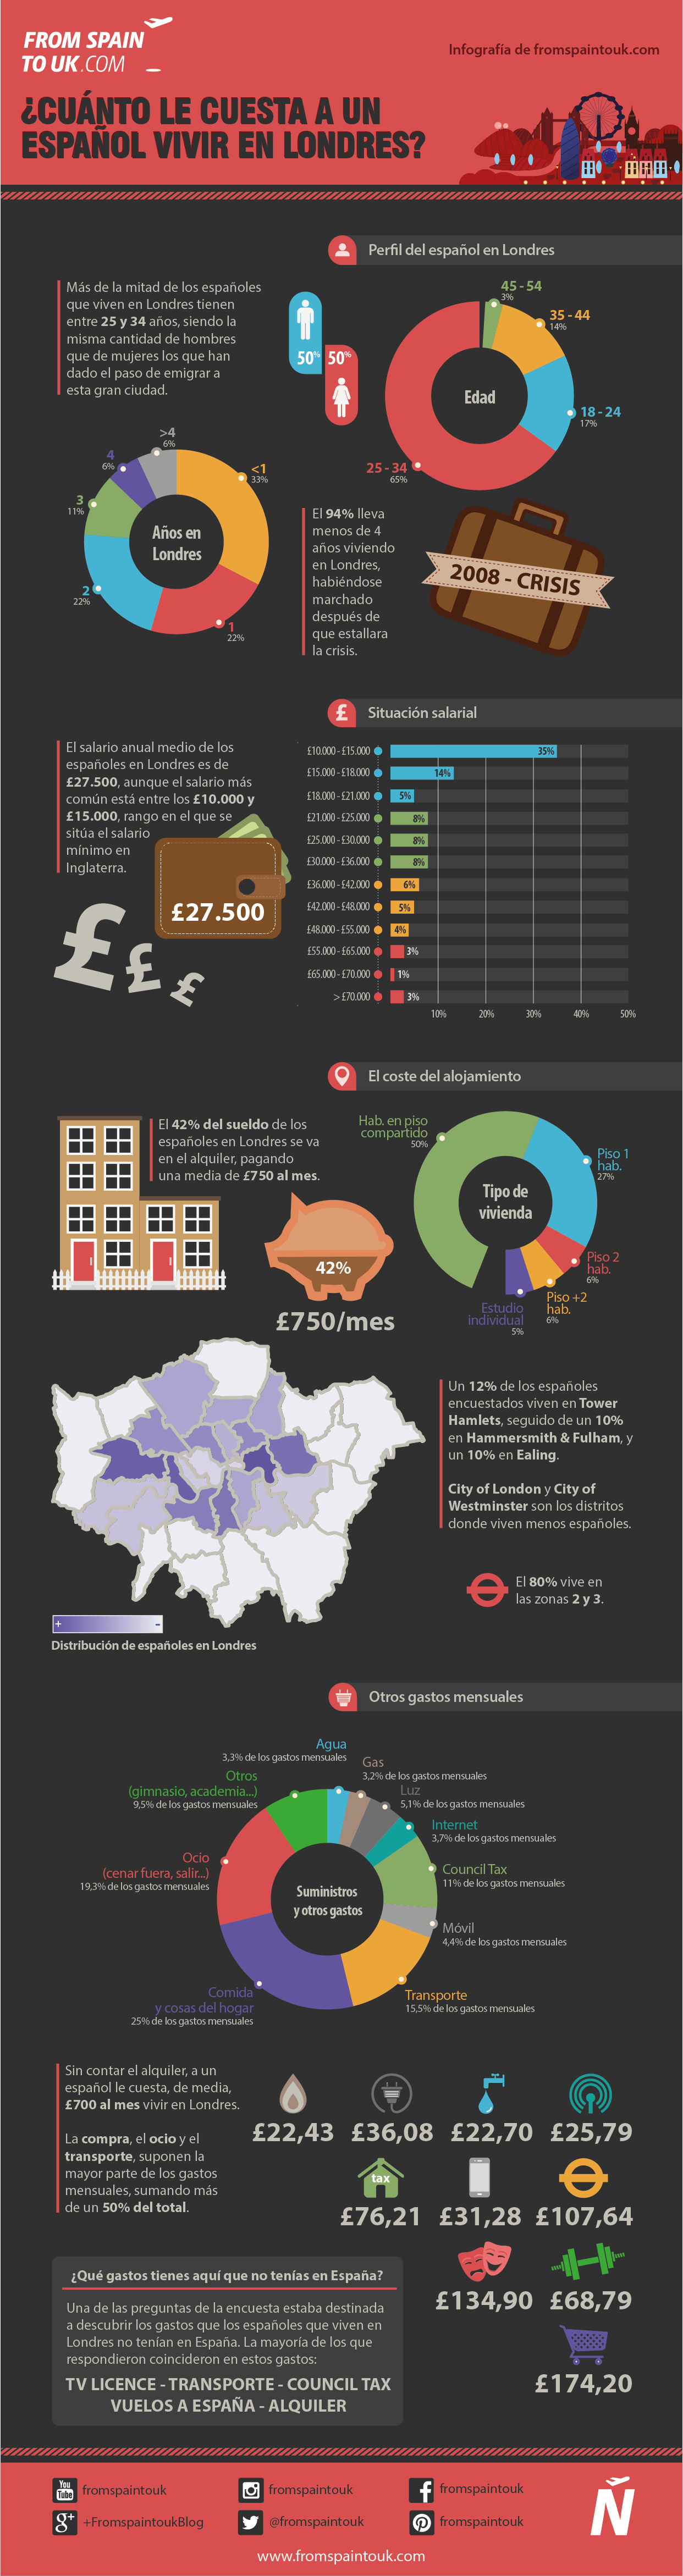 ¿Cuánto le cuesta a un español vivir en Londres?